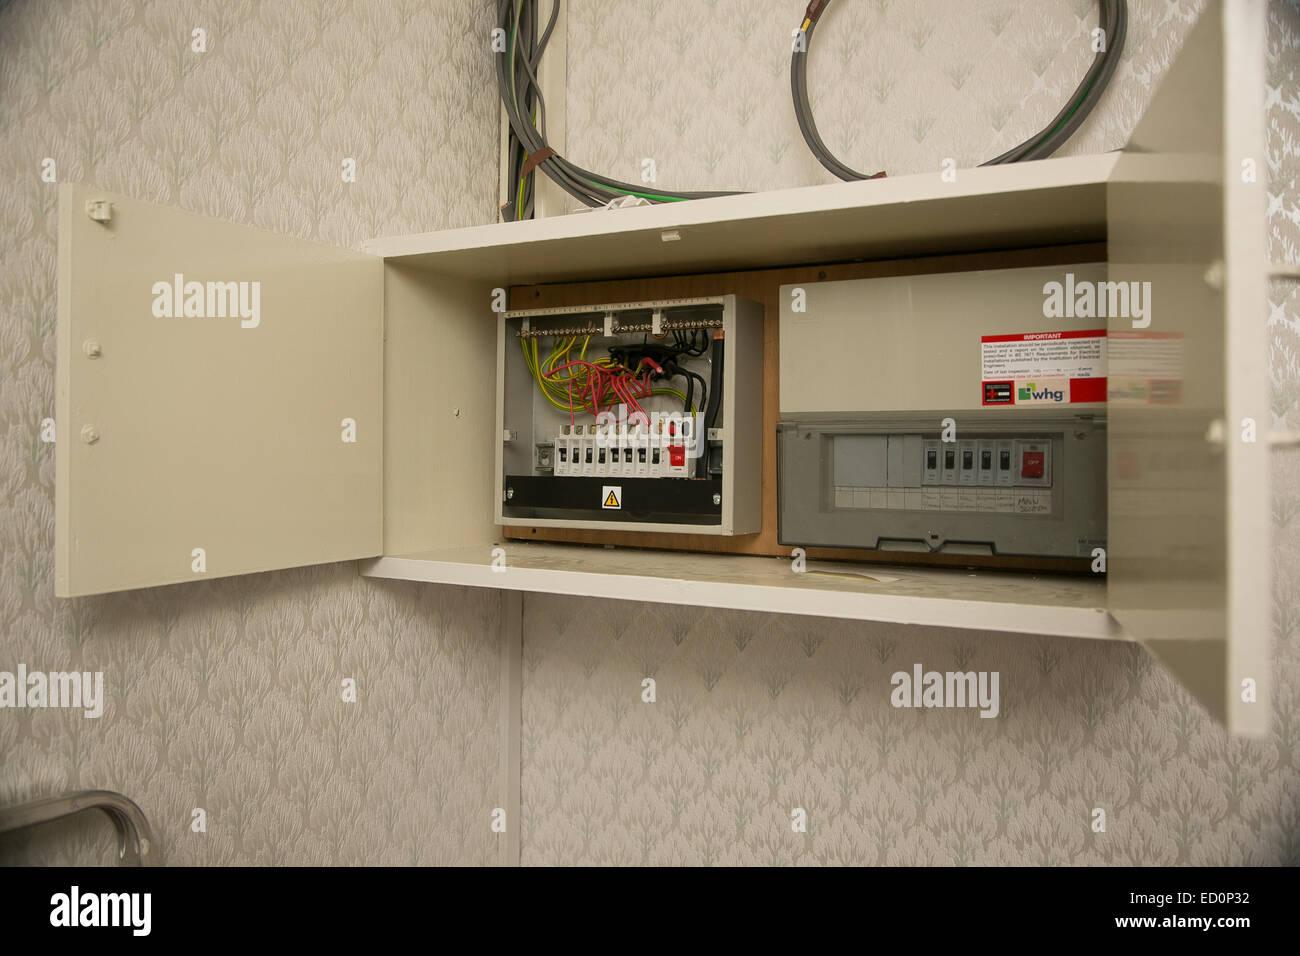 Fein Verkabelte Veröffentlichung Fotos - Elektrische Schaltplan ...